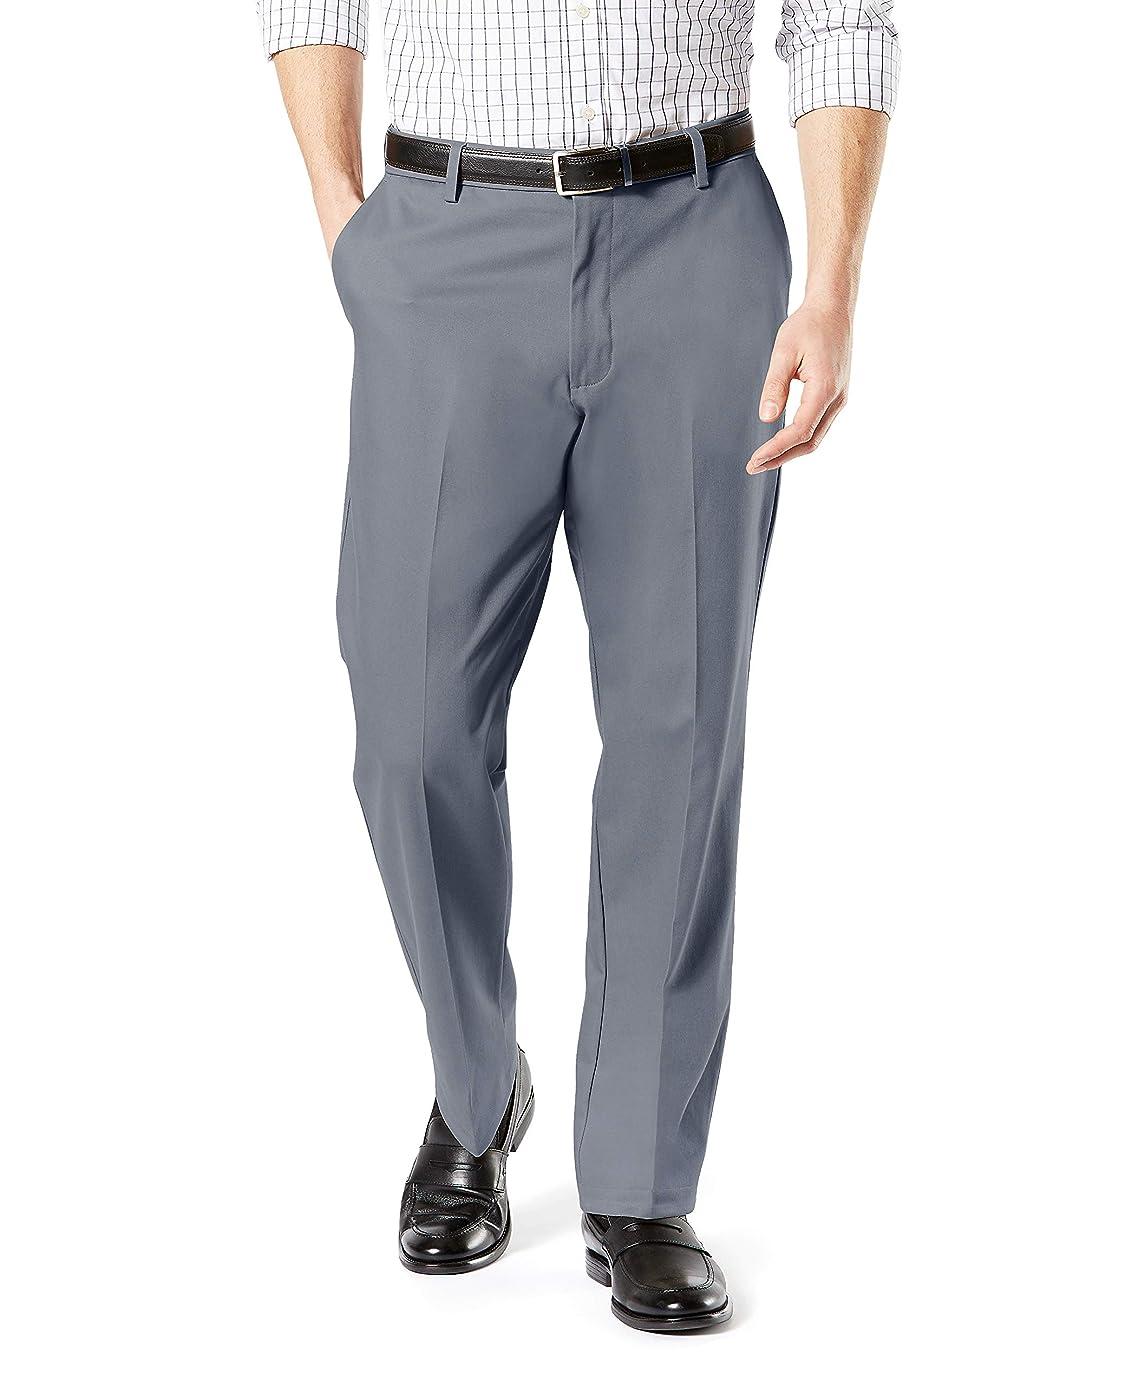 Dockers Men's Classic Fit Signature Khaki Lux Cotton Stretch Pants D3 dlu4635752